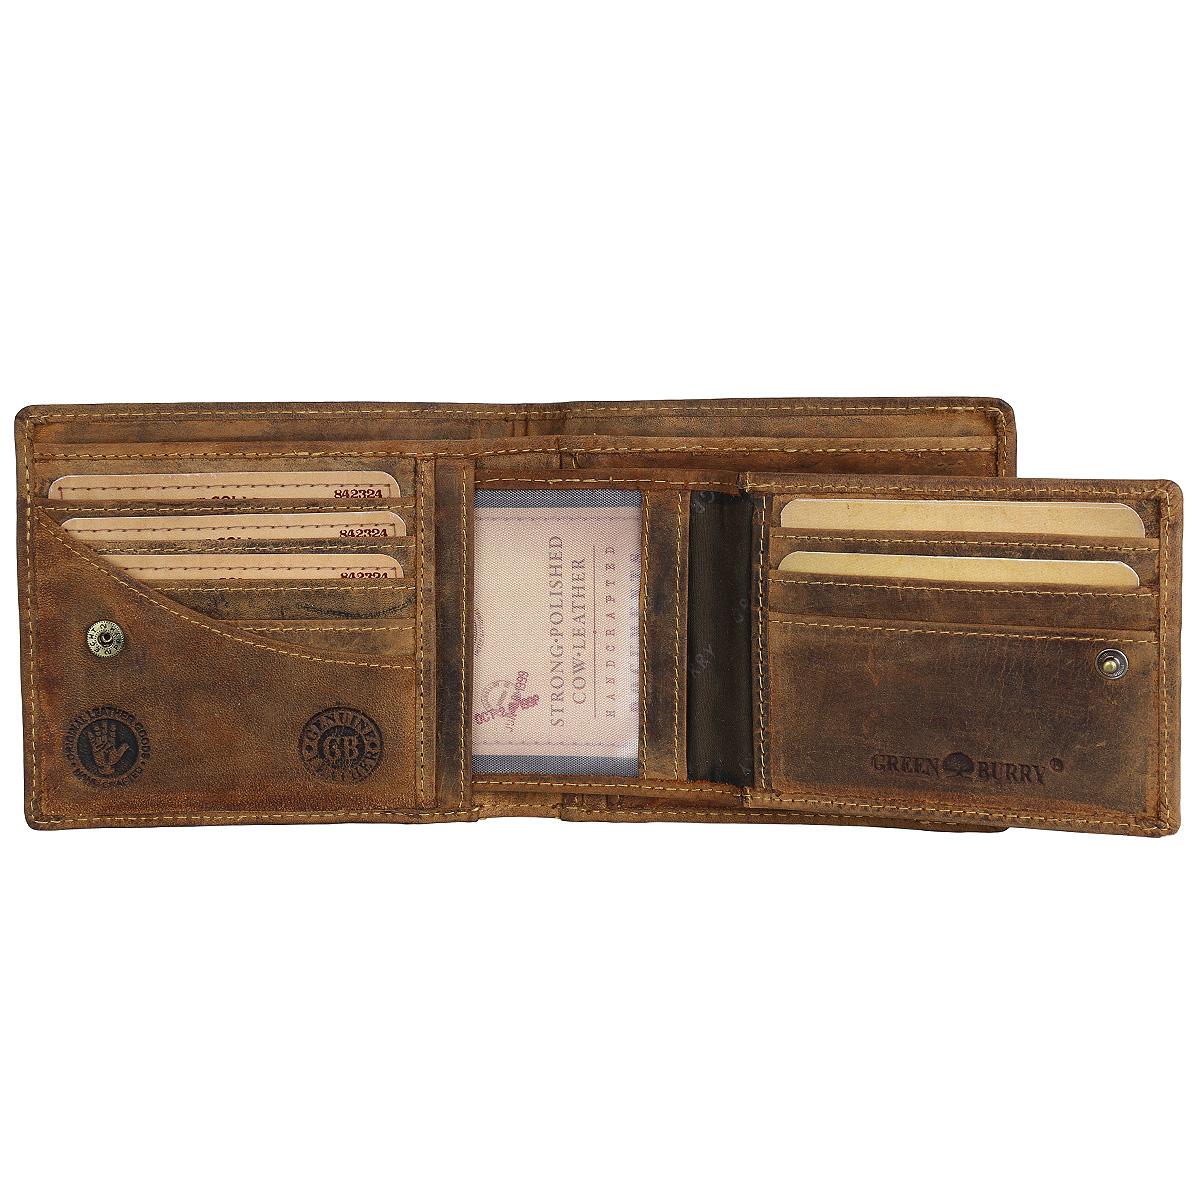 Greenburry Vintage 1702 Leder Geldbeutel Geldbörse Portemonnaie mit Münzfach